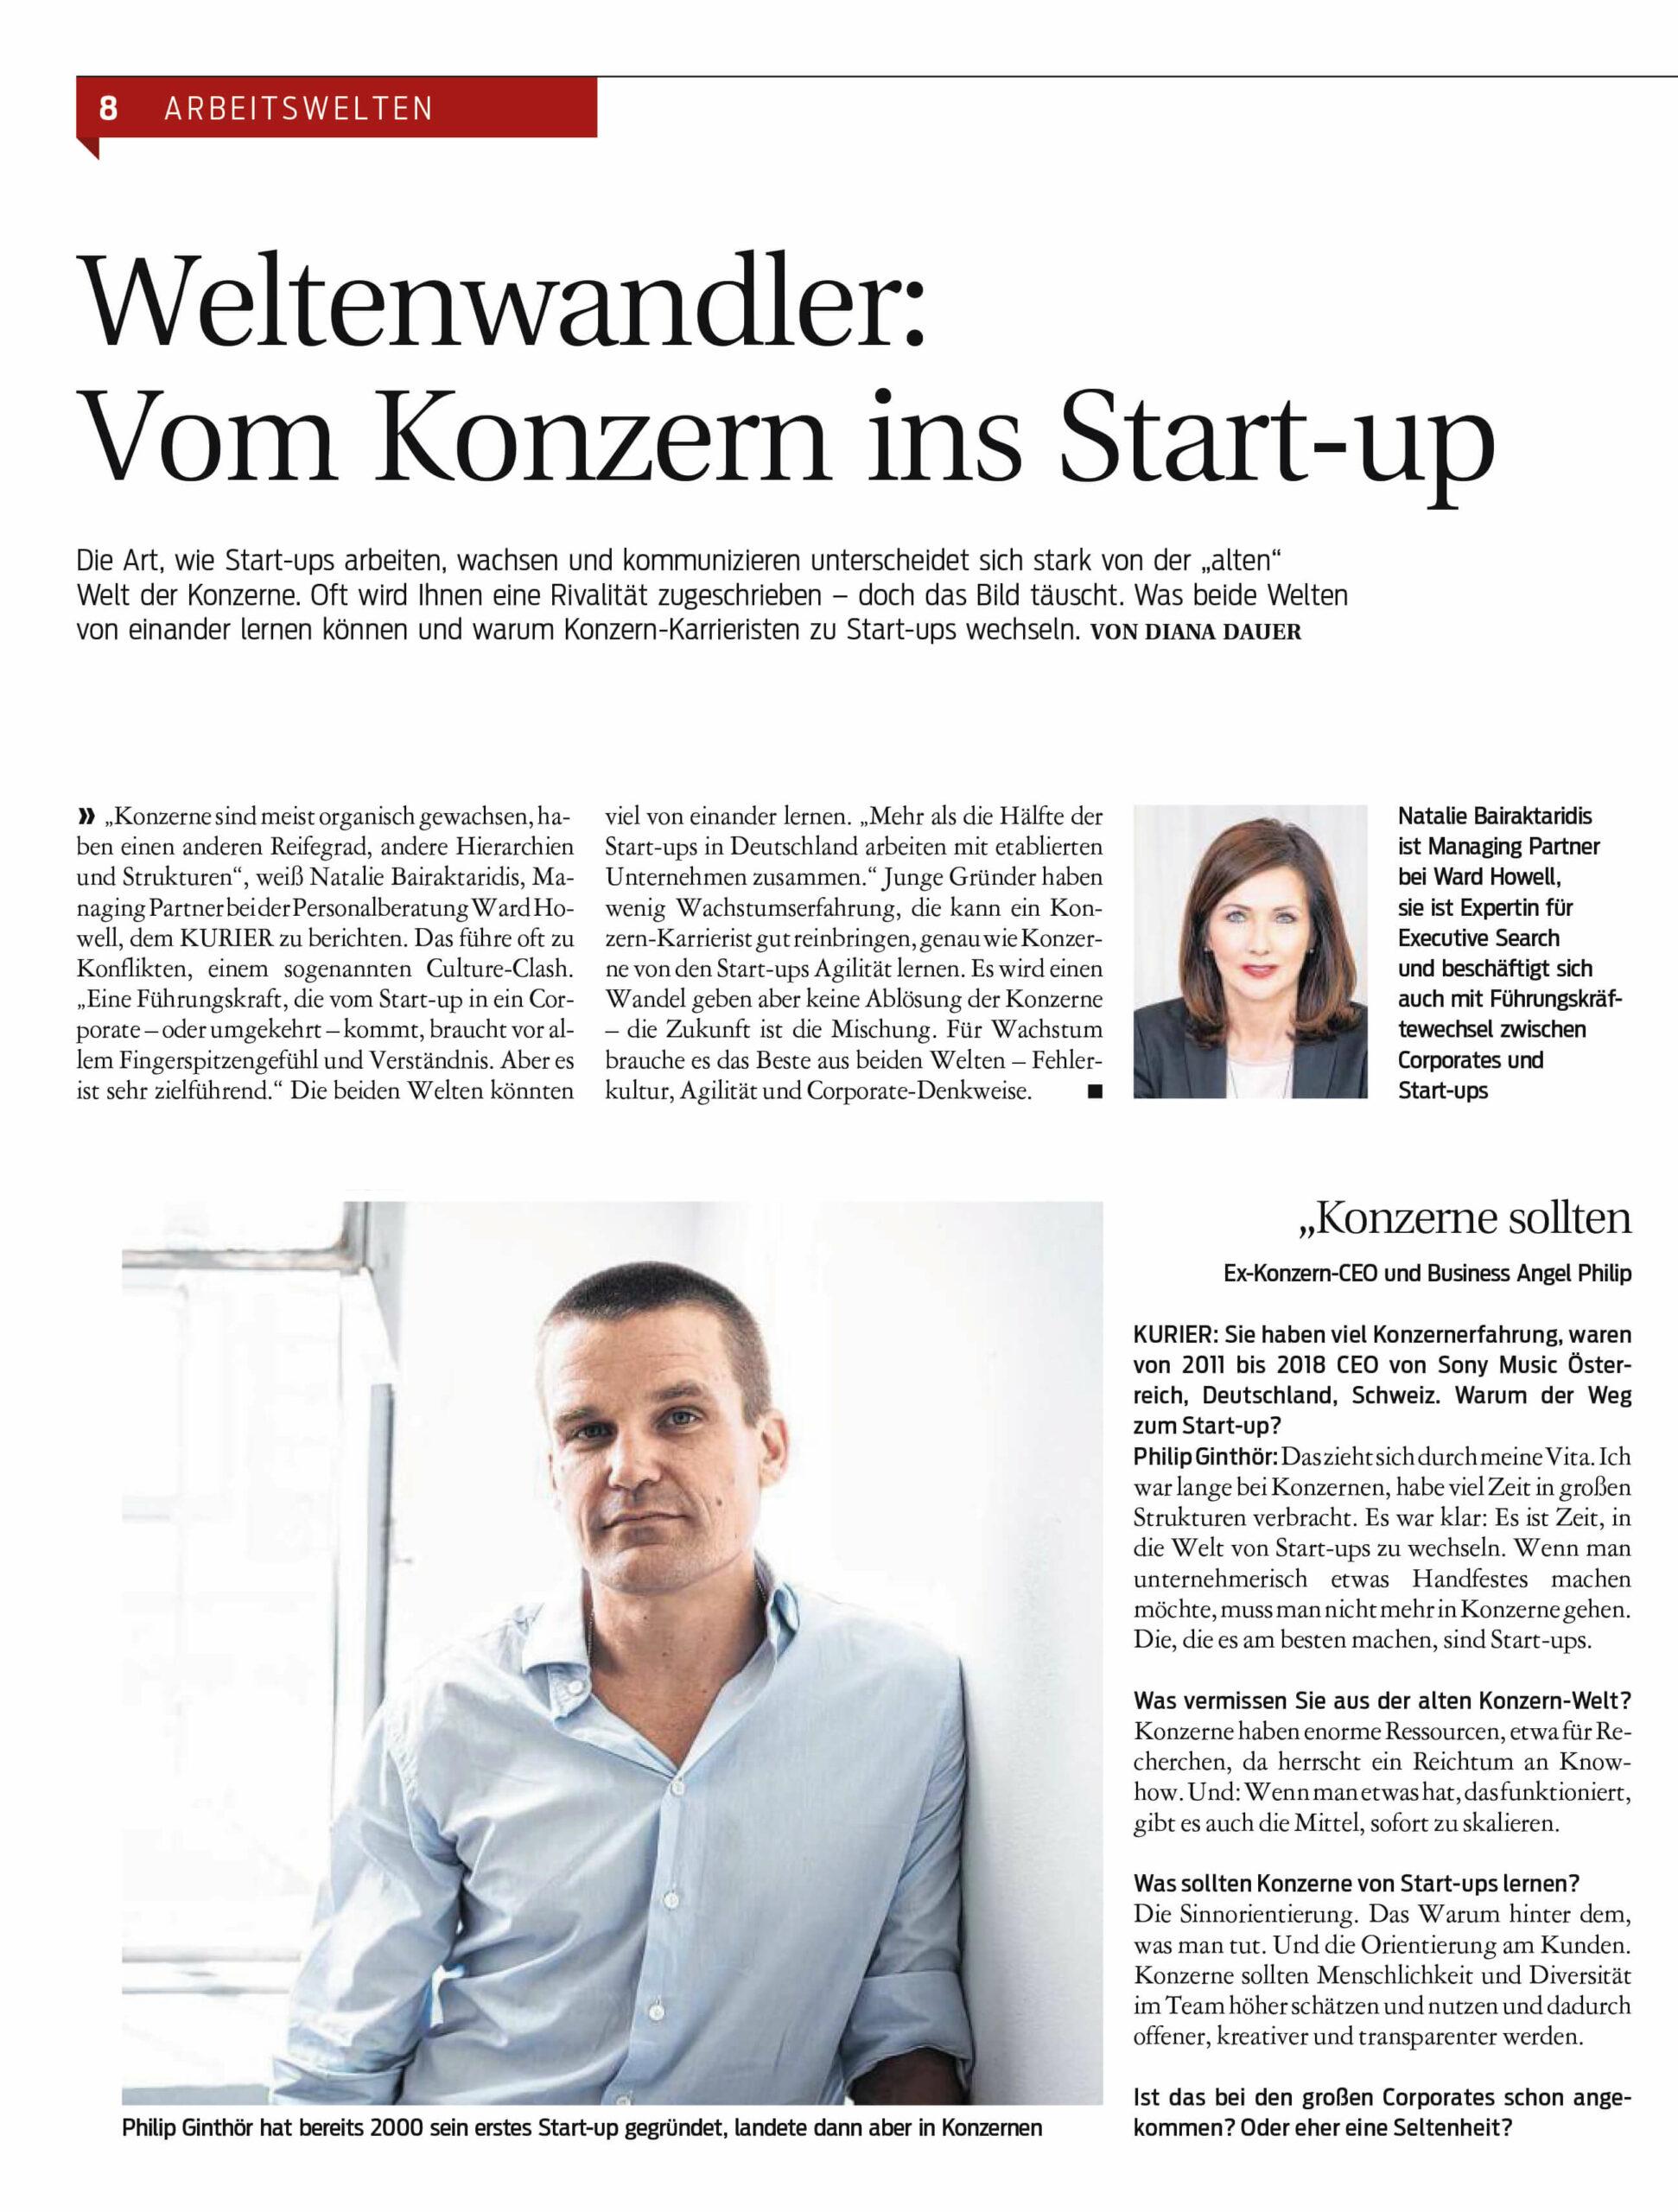 Neue Unternehmenskultur – Vom Konzern ins Start-Up